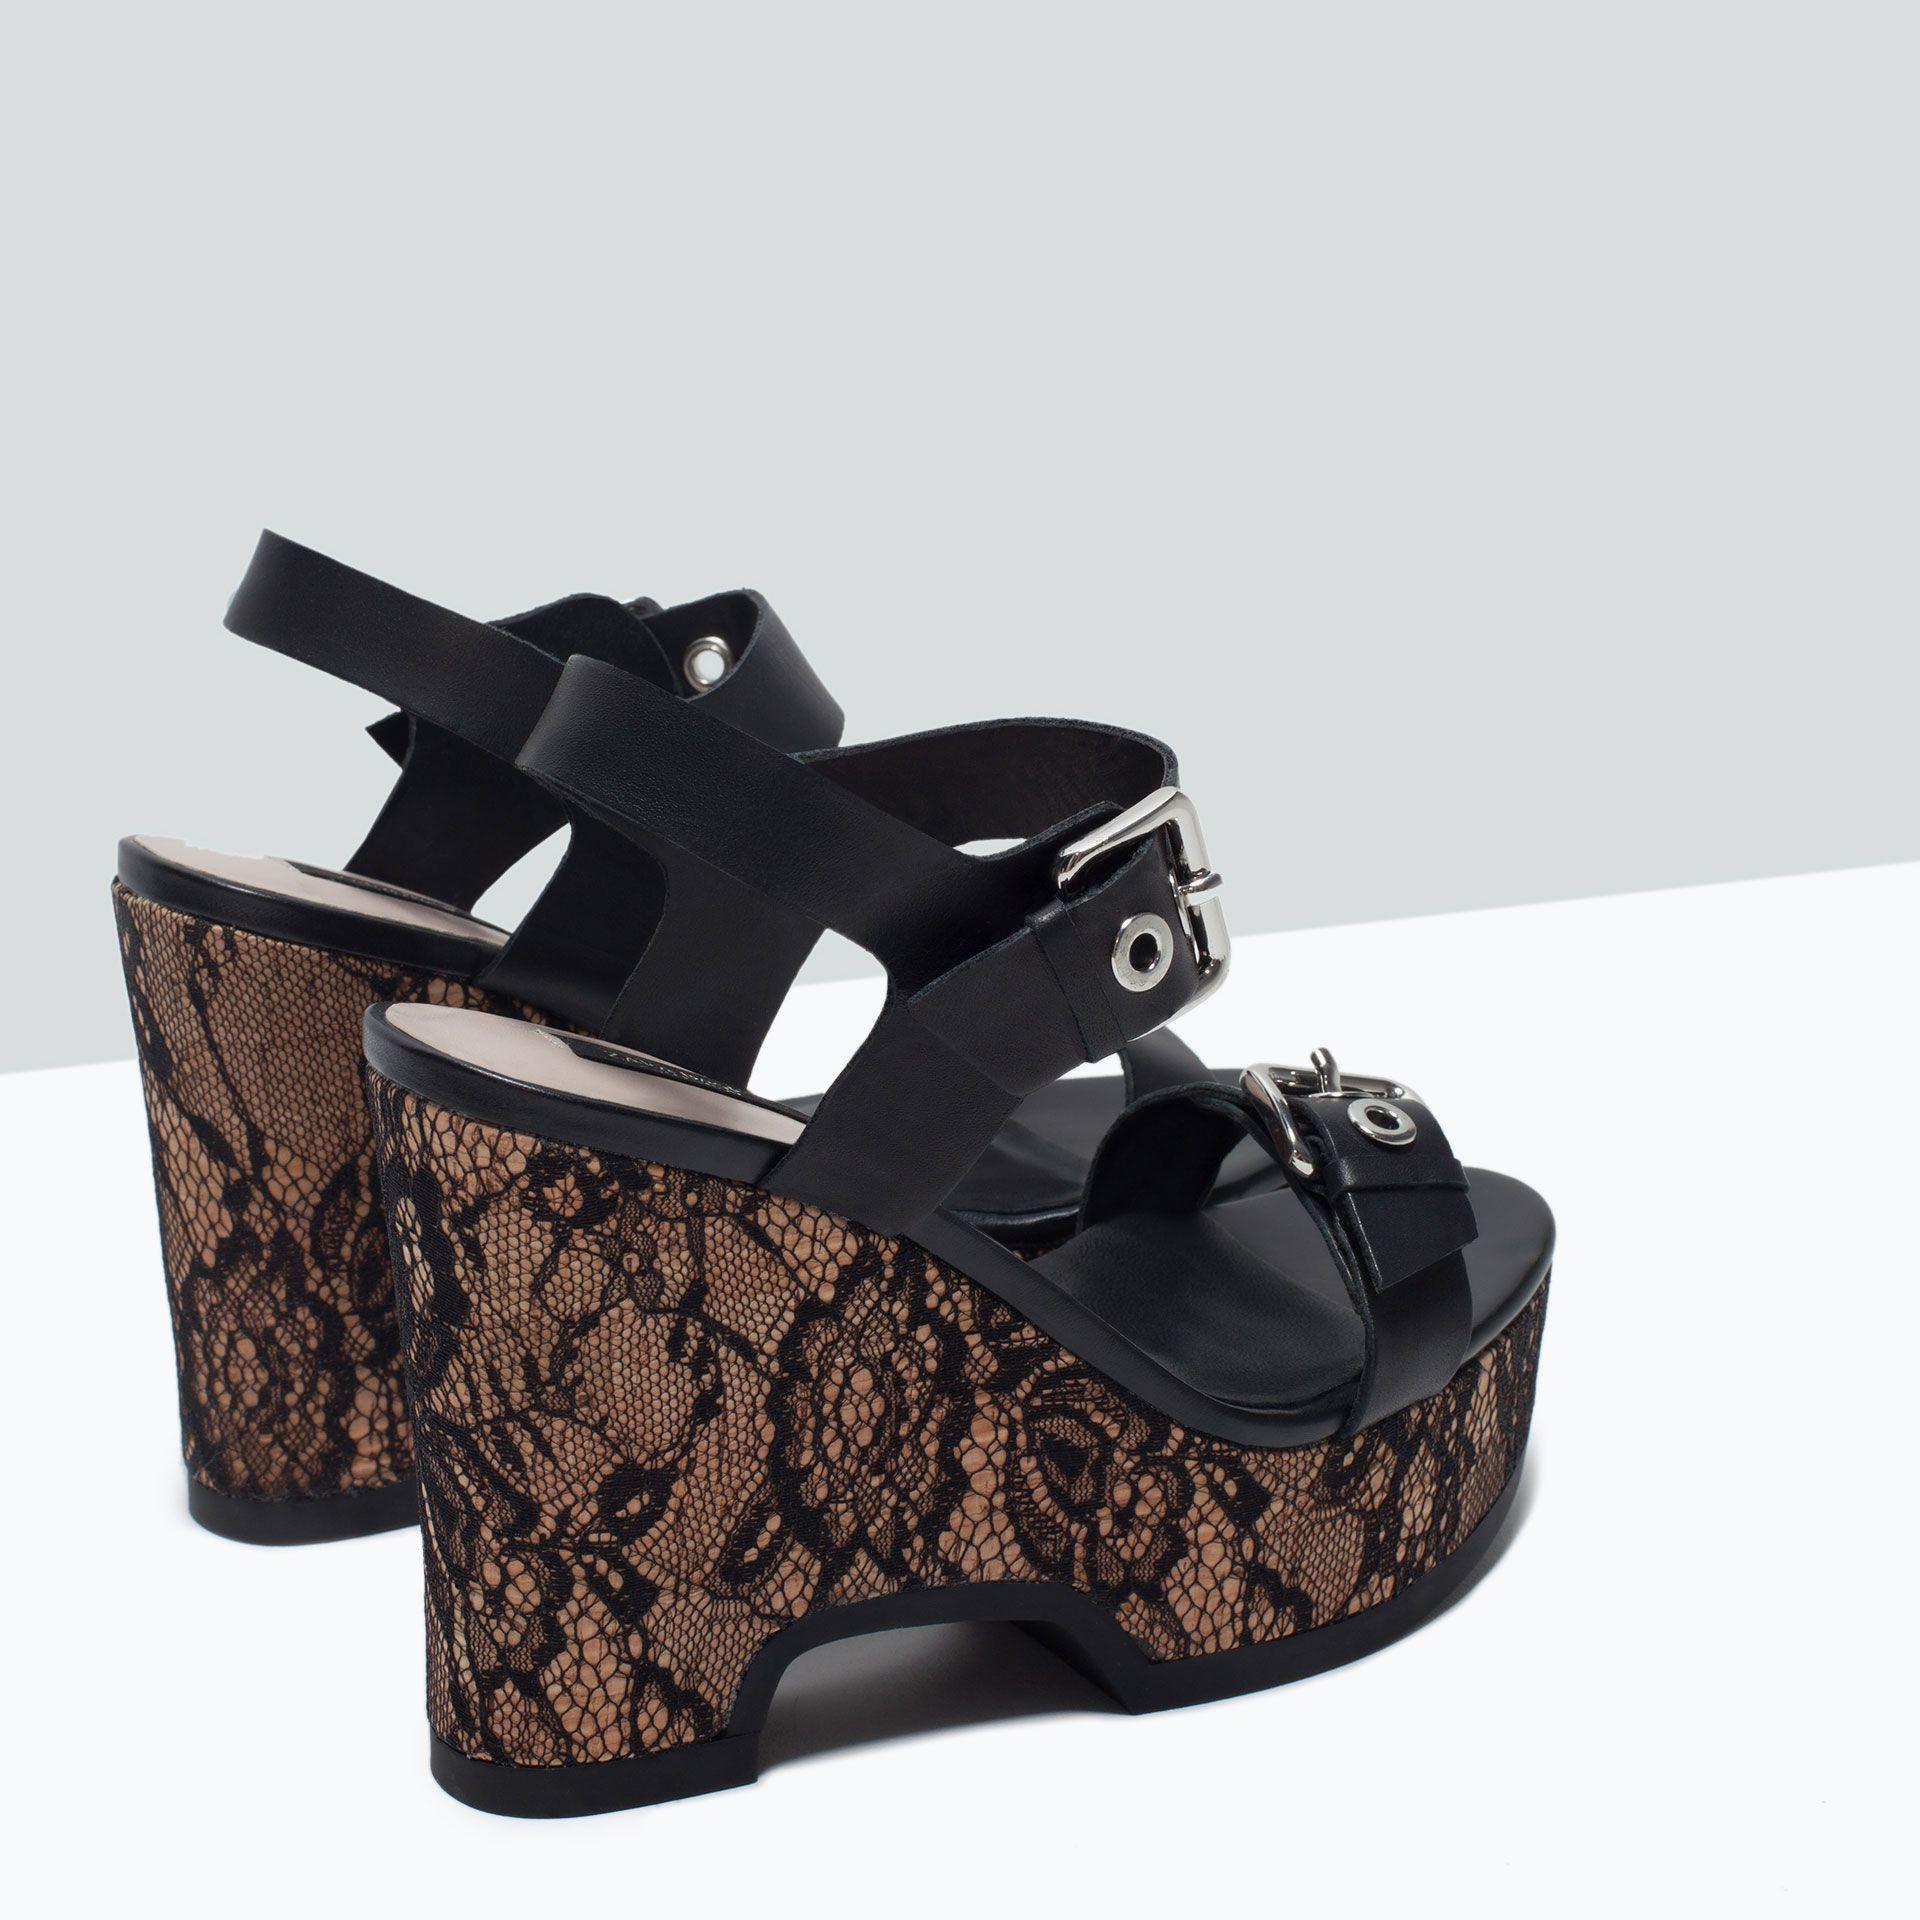 6daa13b436e Sandales compensées en cuir et dentelle - Tout voir - Chaussures - FEMME